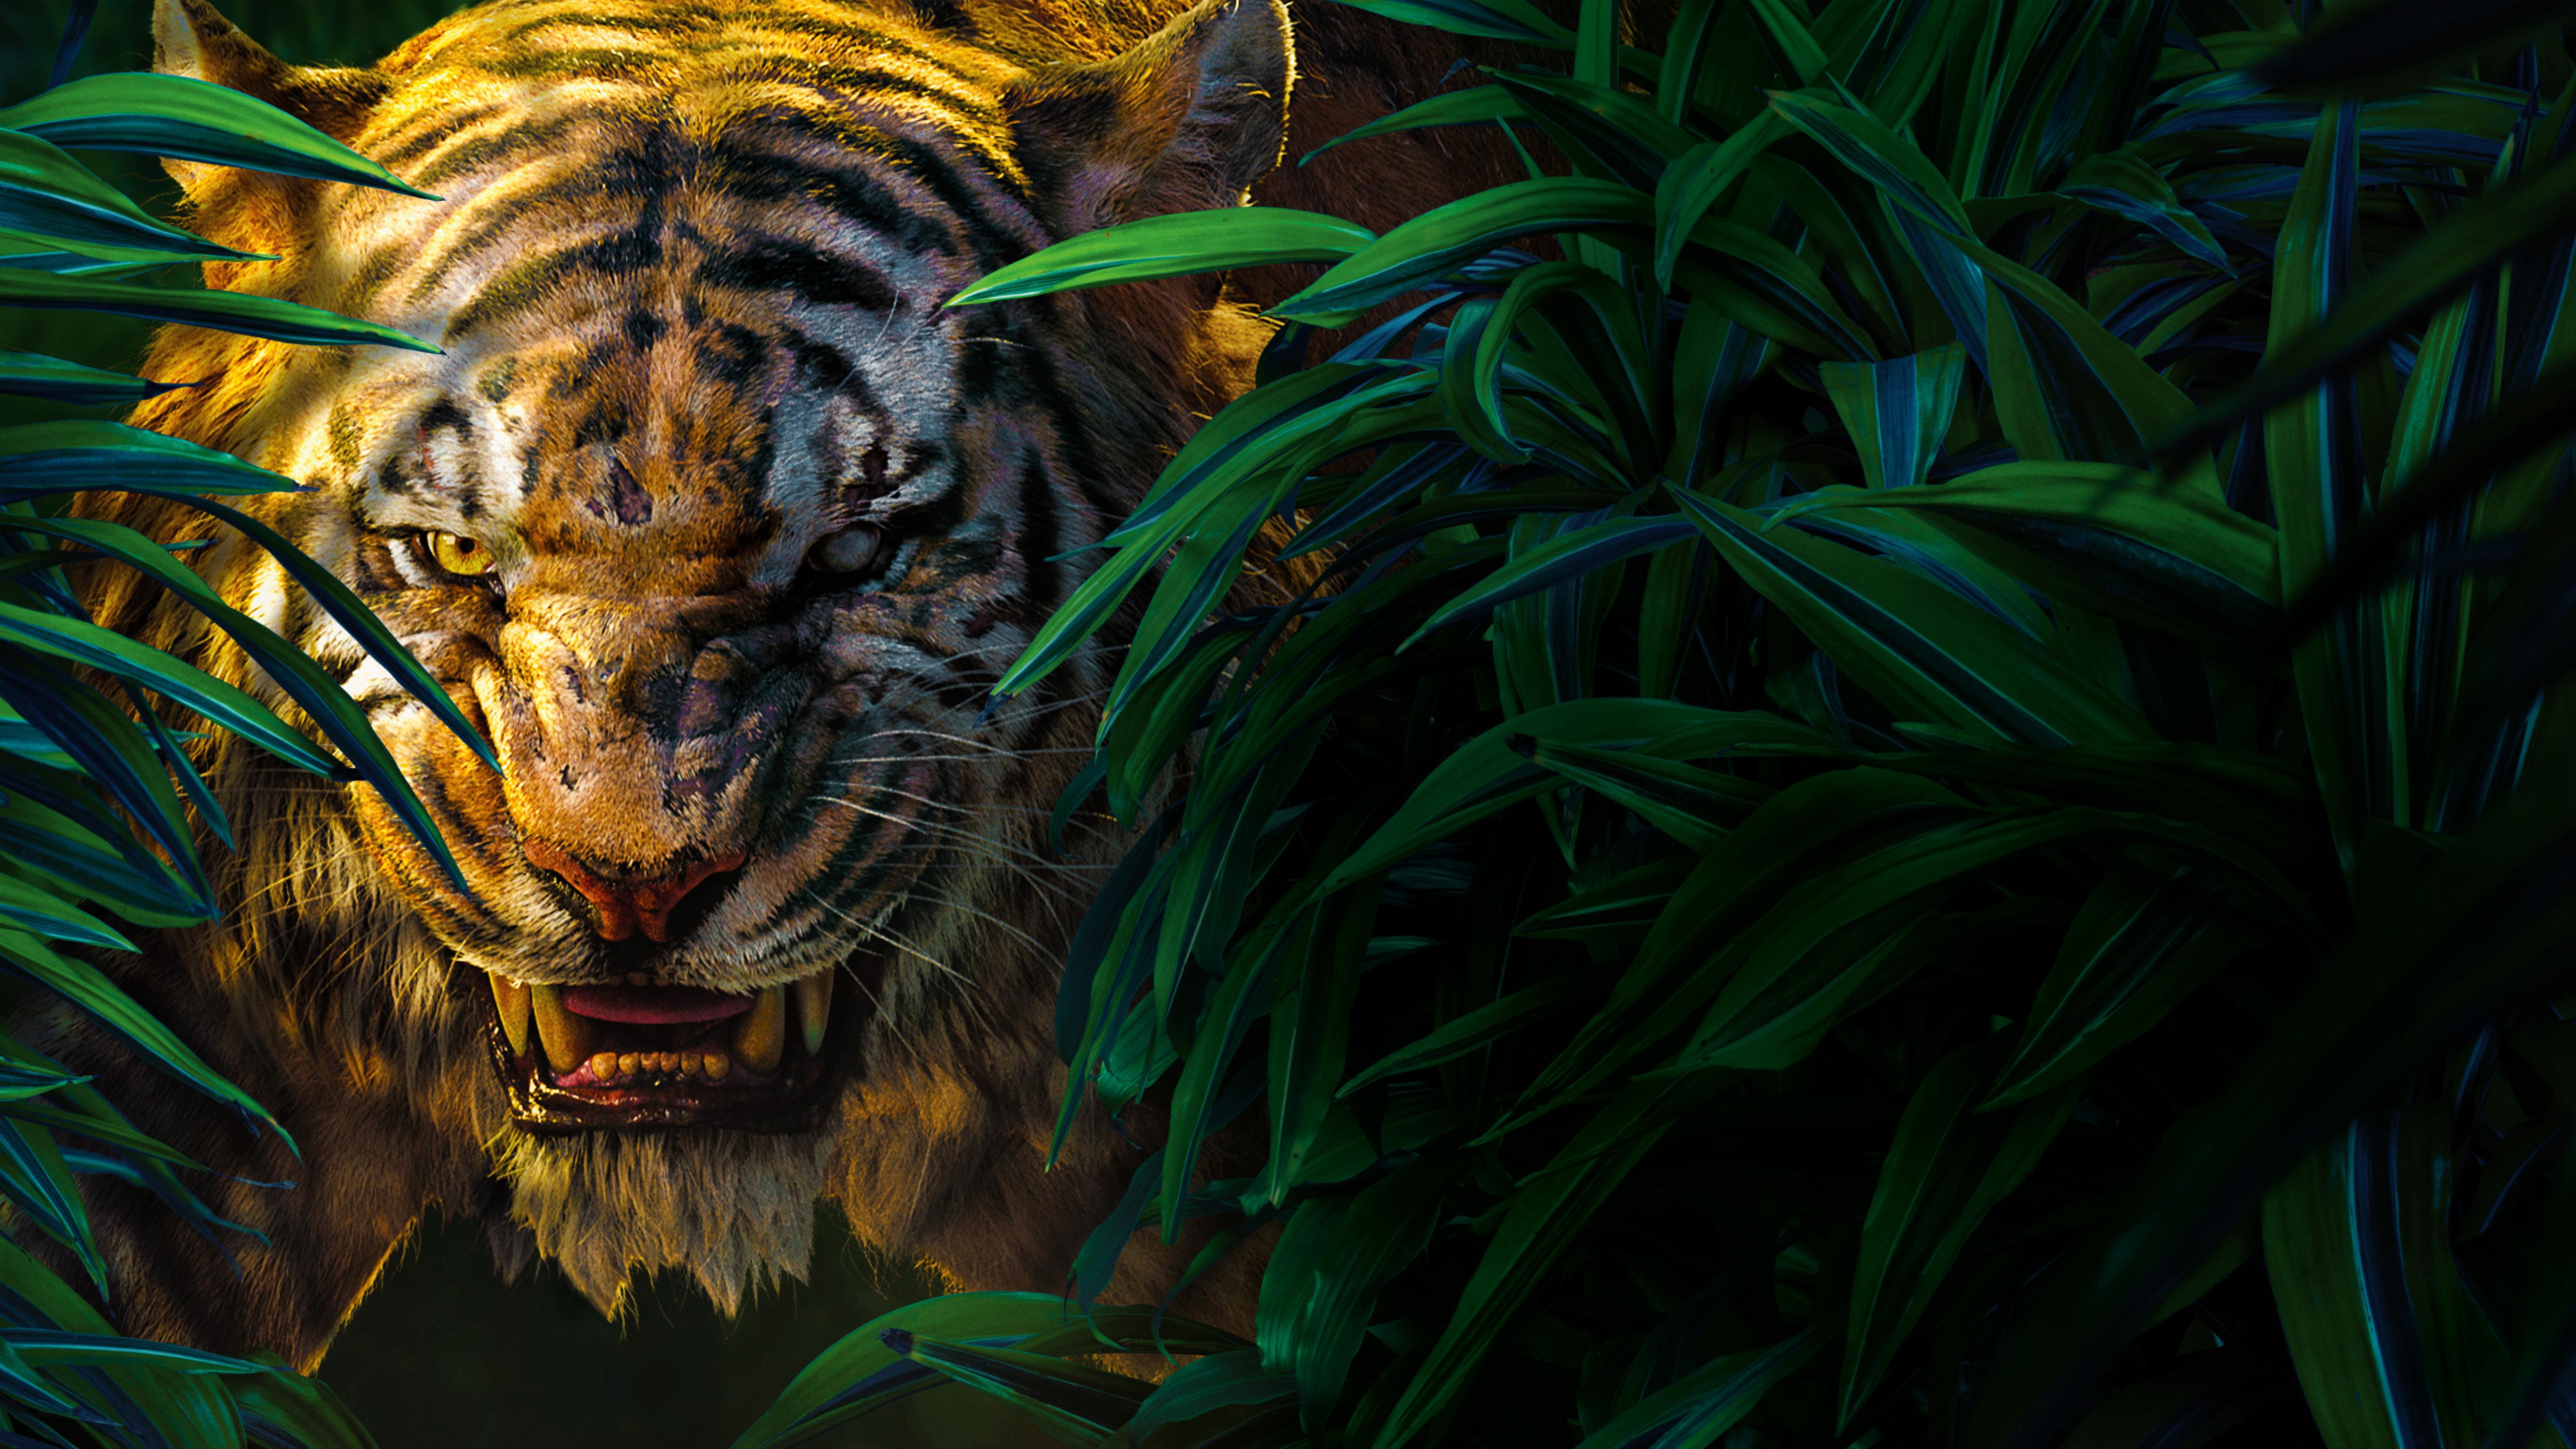 Книга джунглей Шер. обои скачать